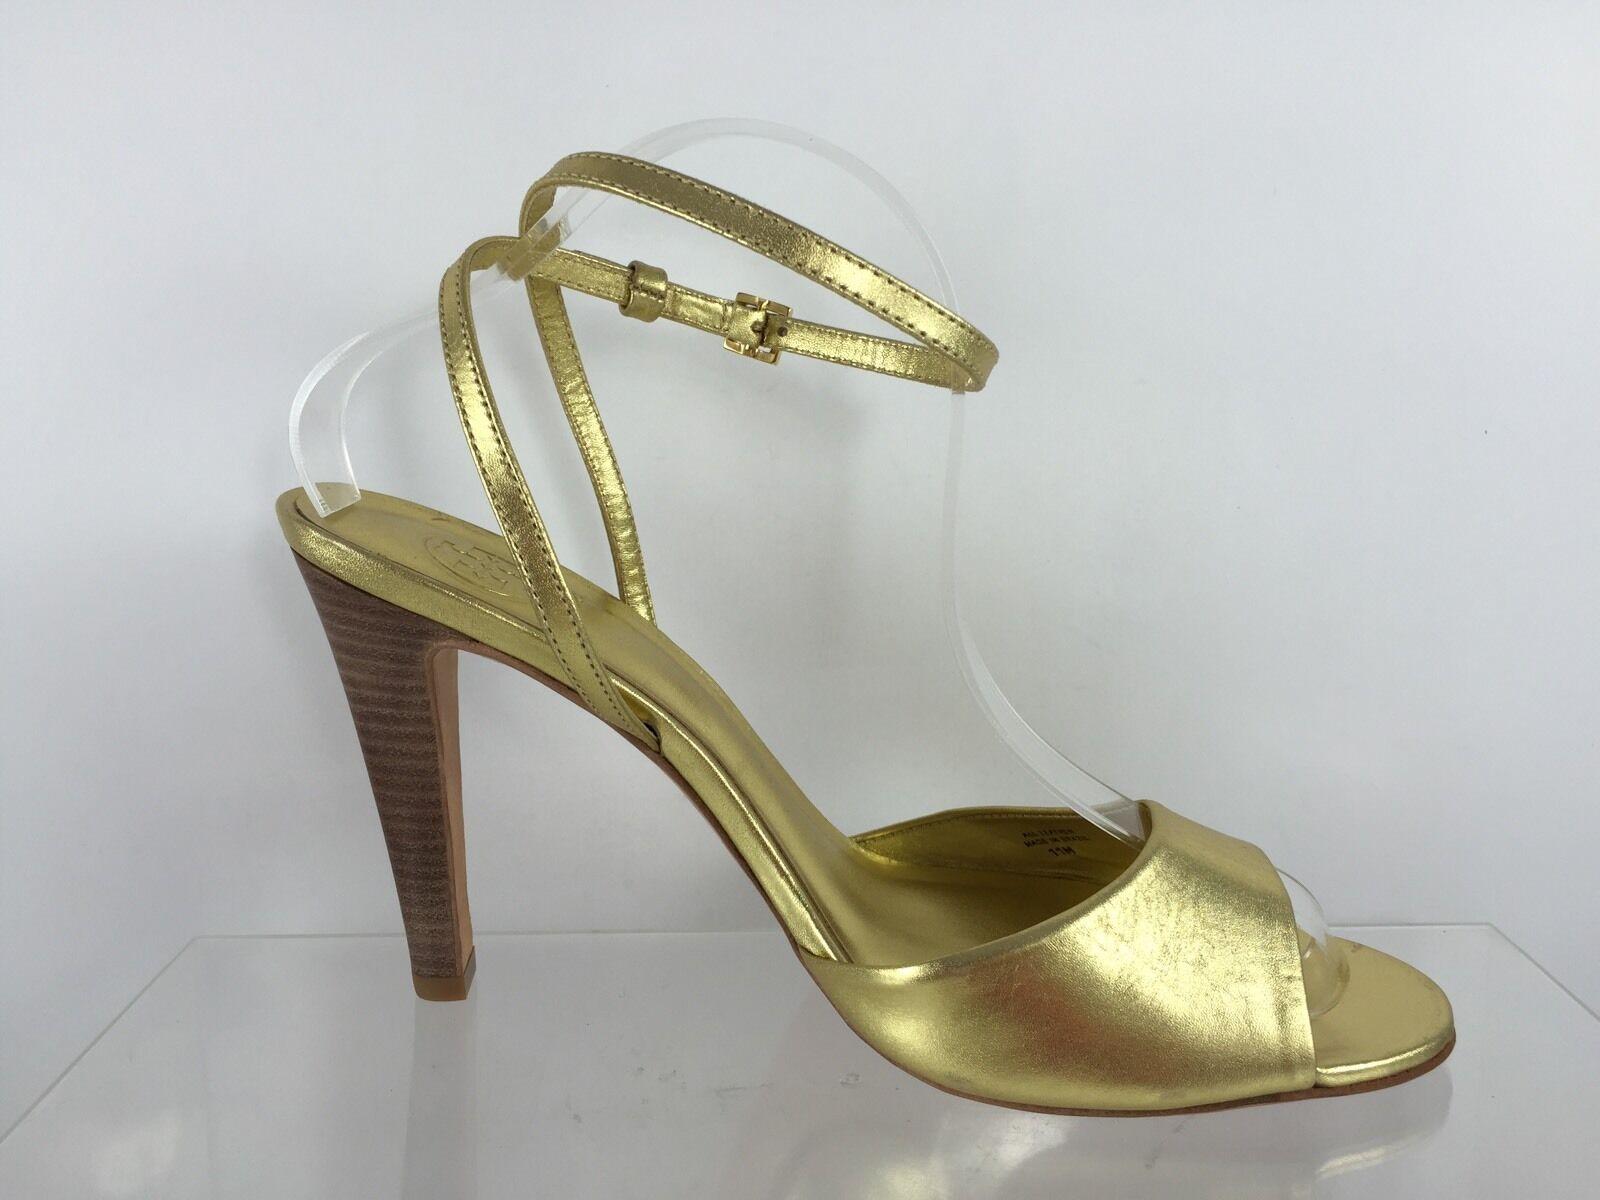 Tory Burch Zapatos De Tacón Tacón Tacón Cuero Para Mujer oro Metálico 11 M  diseñador en linea